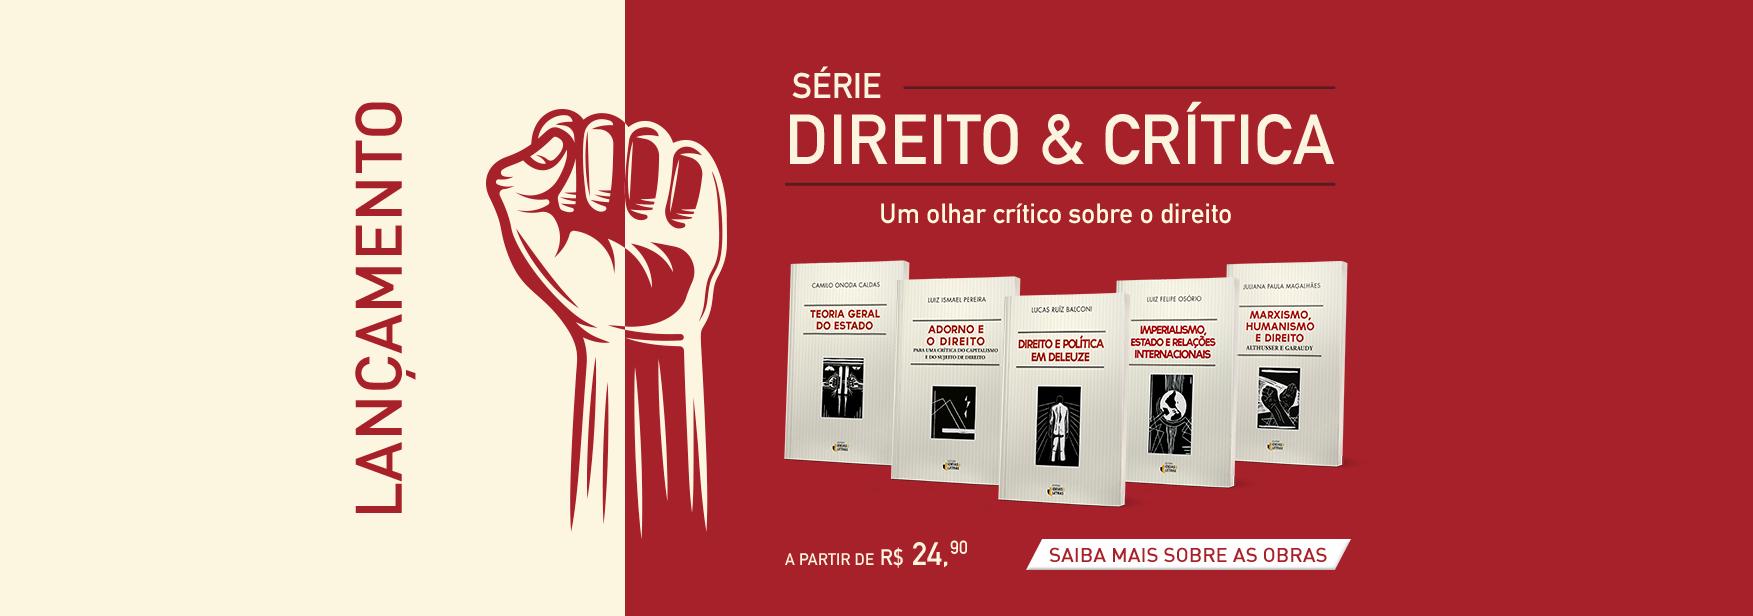 Livros da série Direito e Critíca